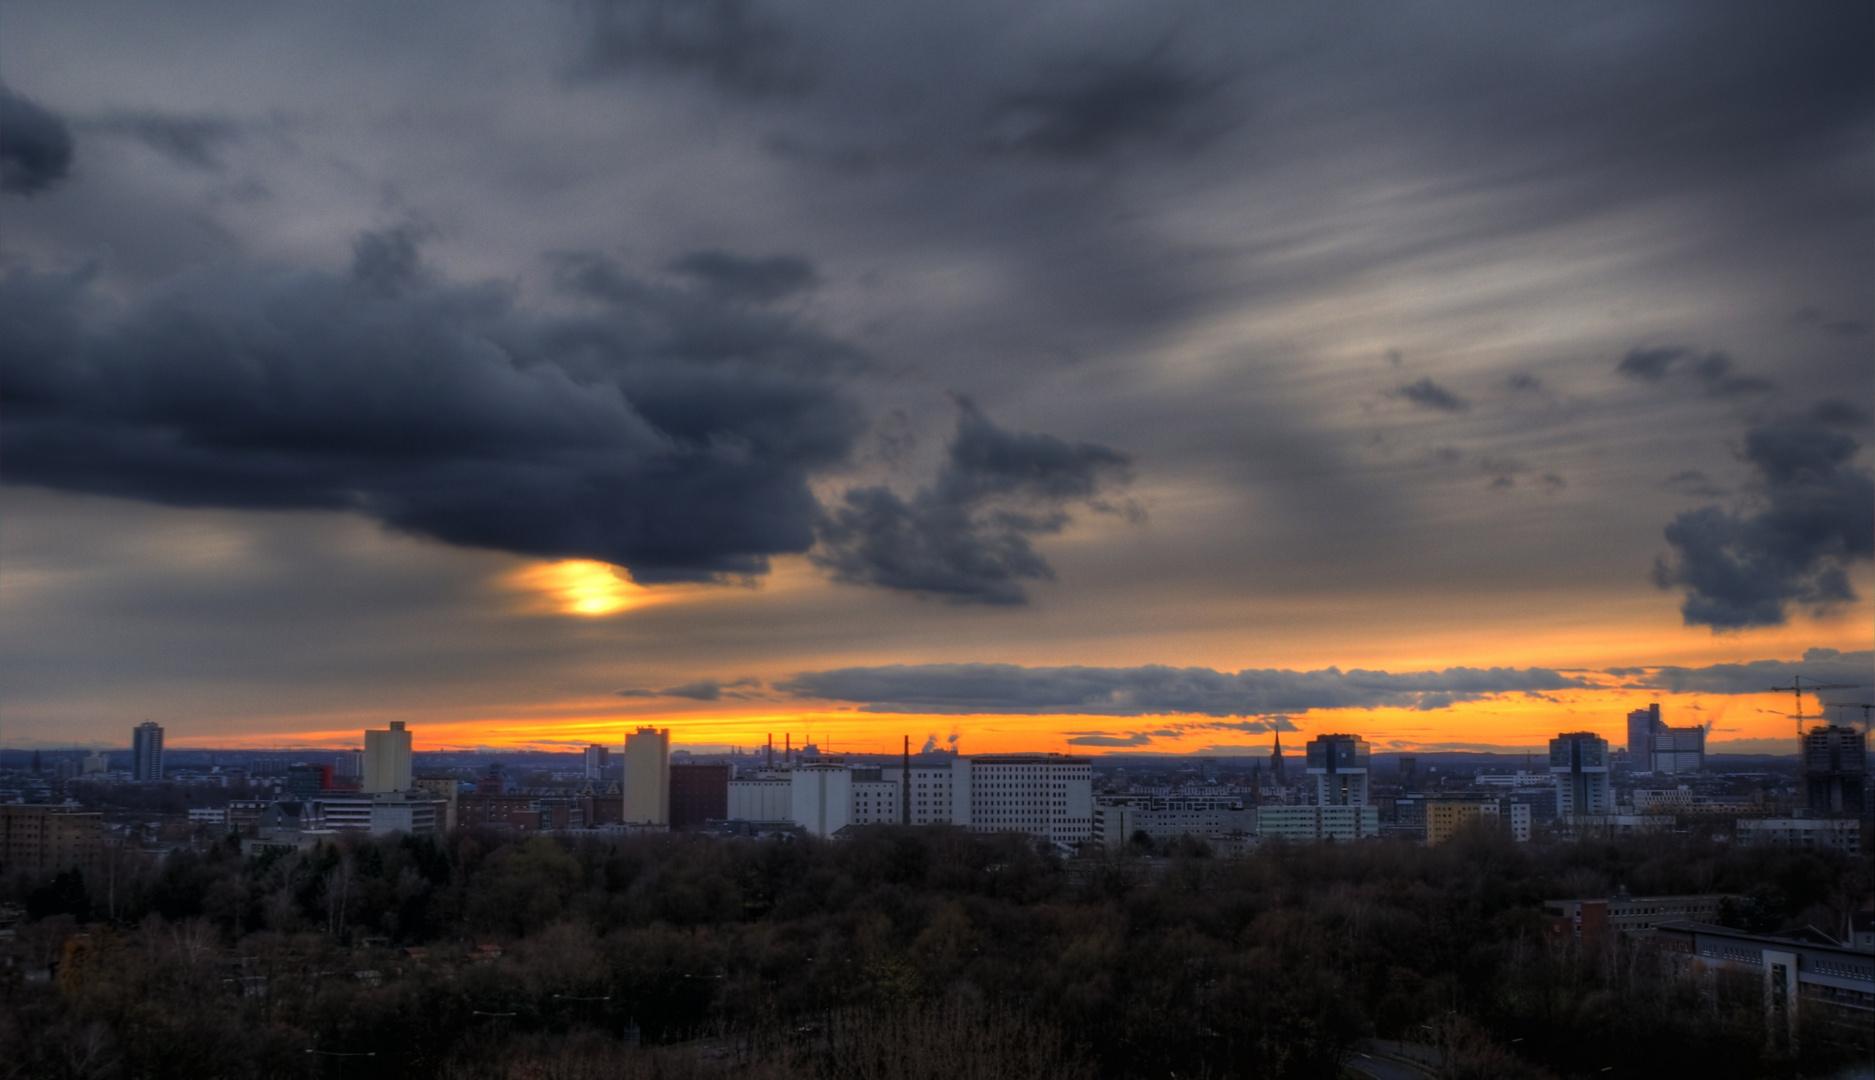 Sonnenuntergang im Lauf der Zeit